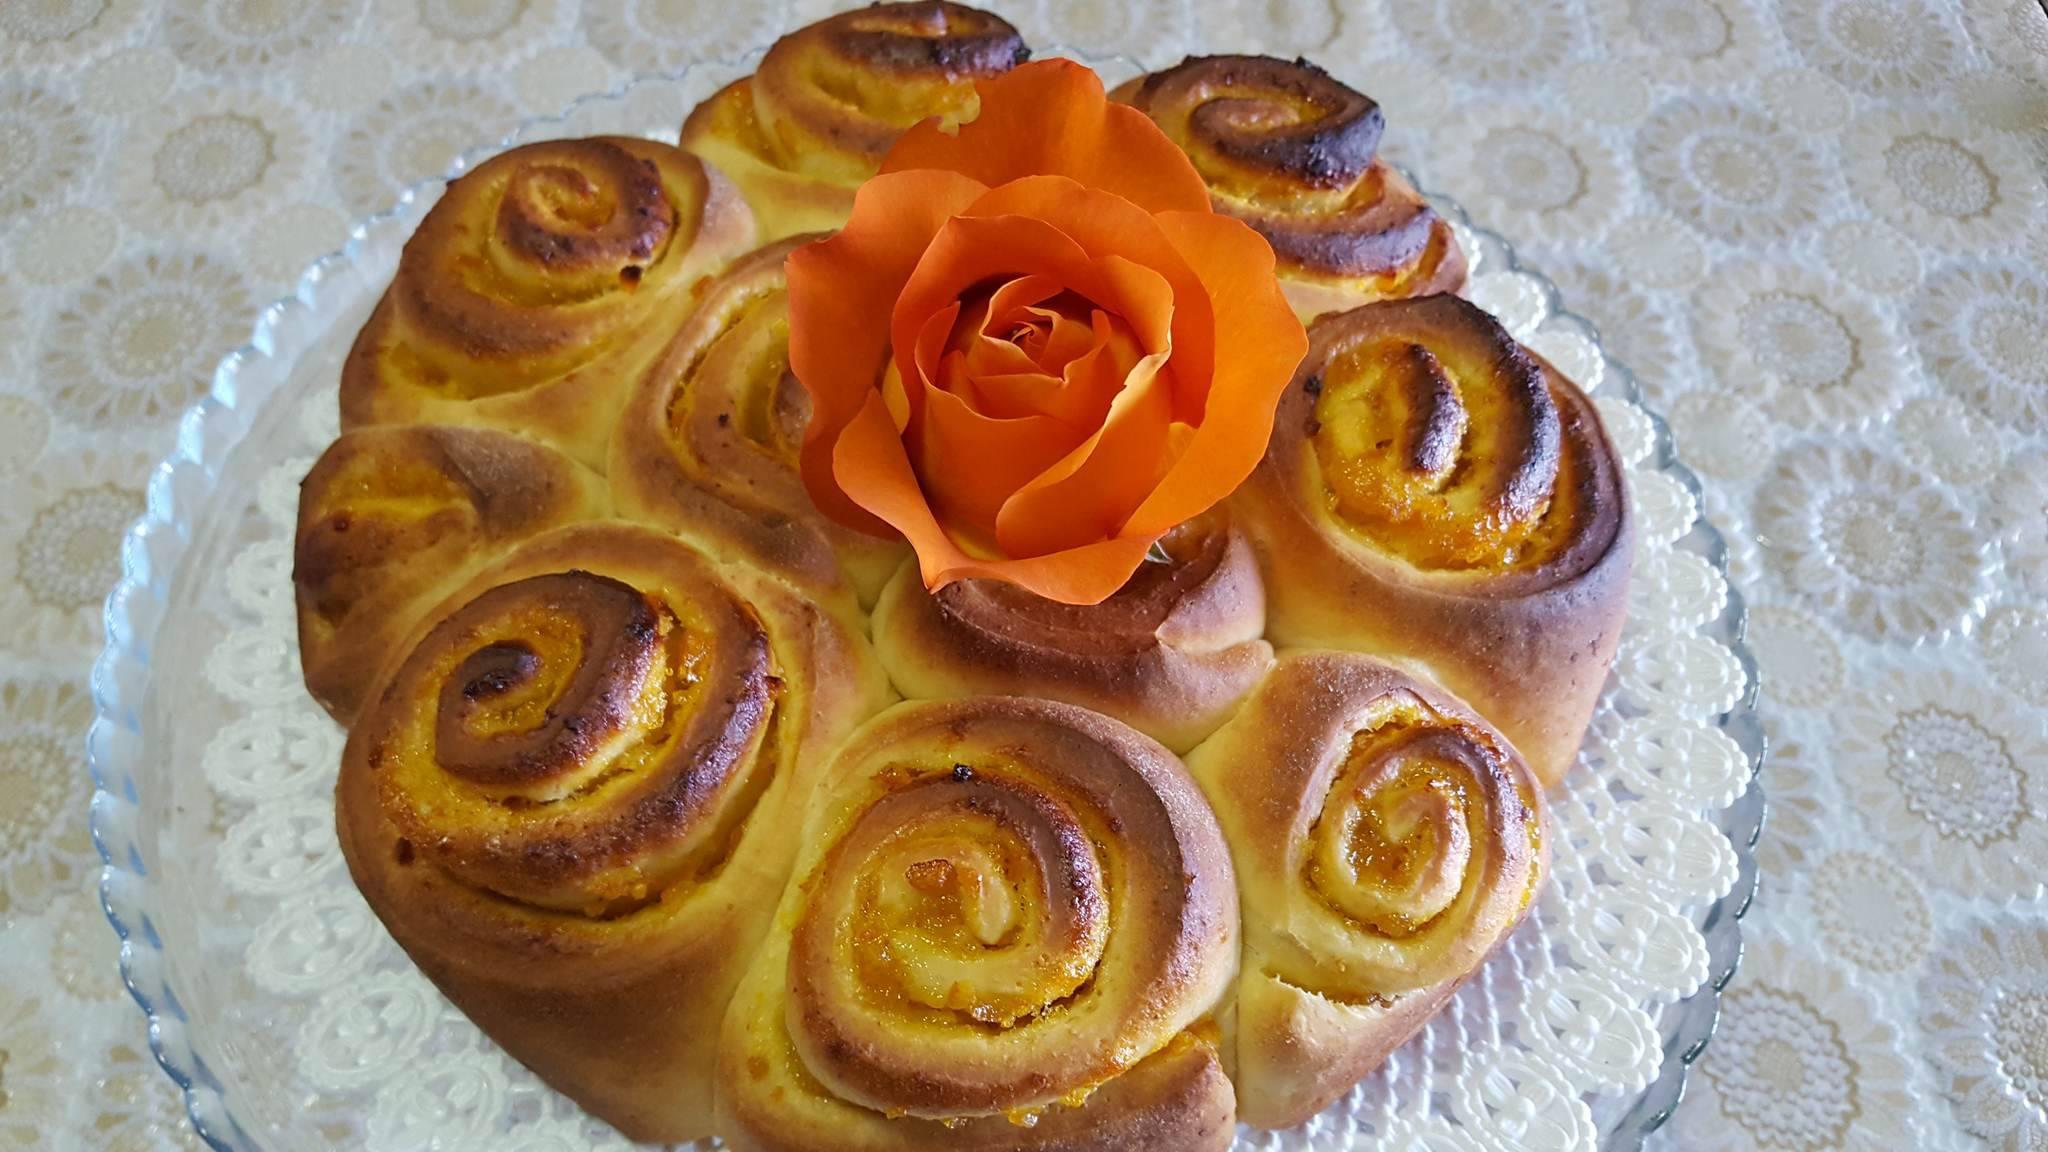 Torta di Rosa ripiena di Marmellata di Arance